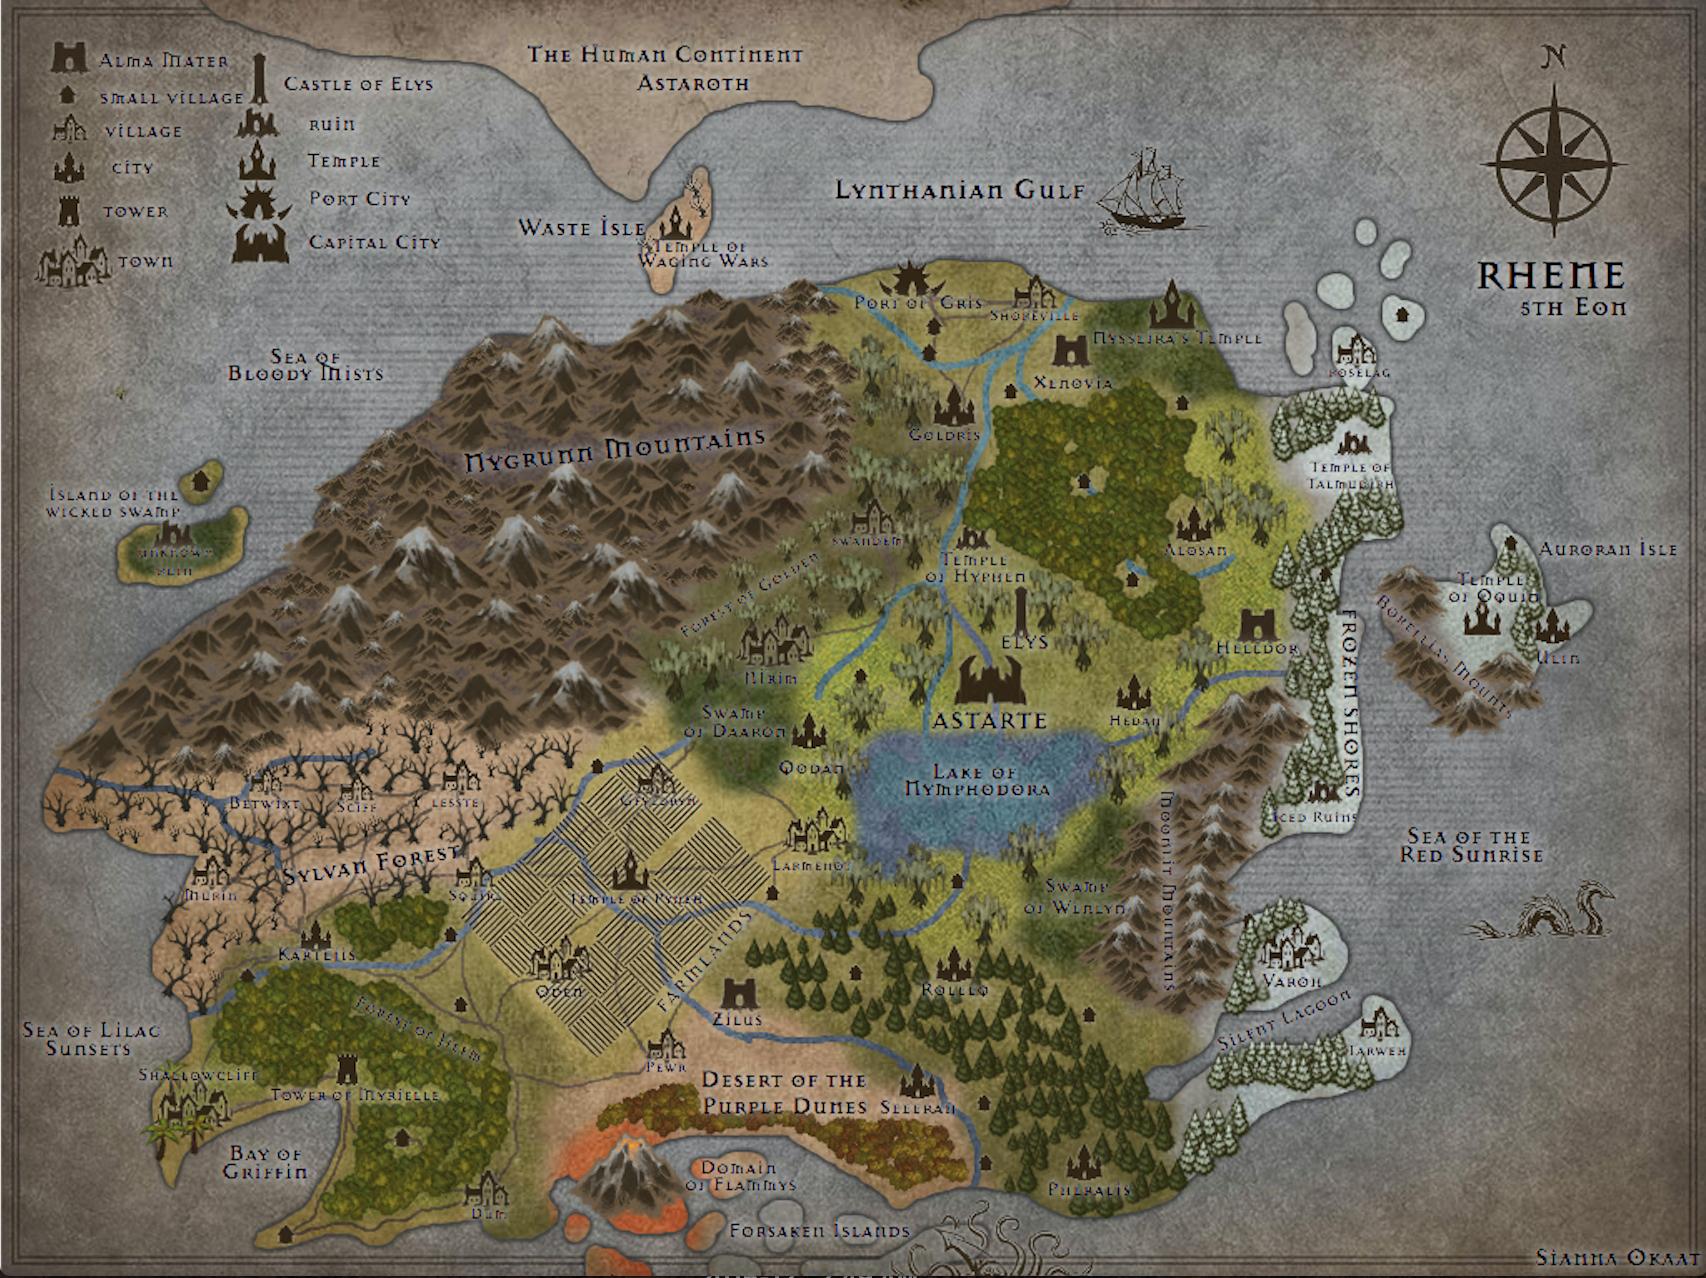 Map of Rhene